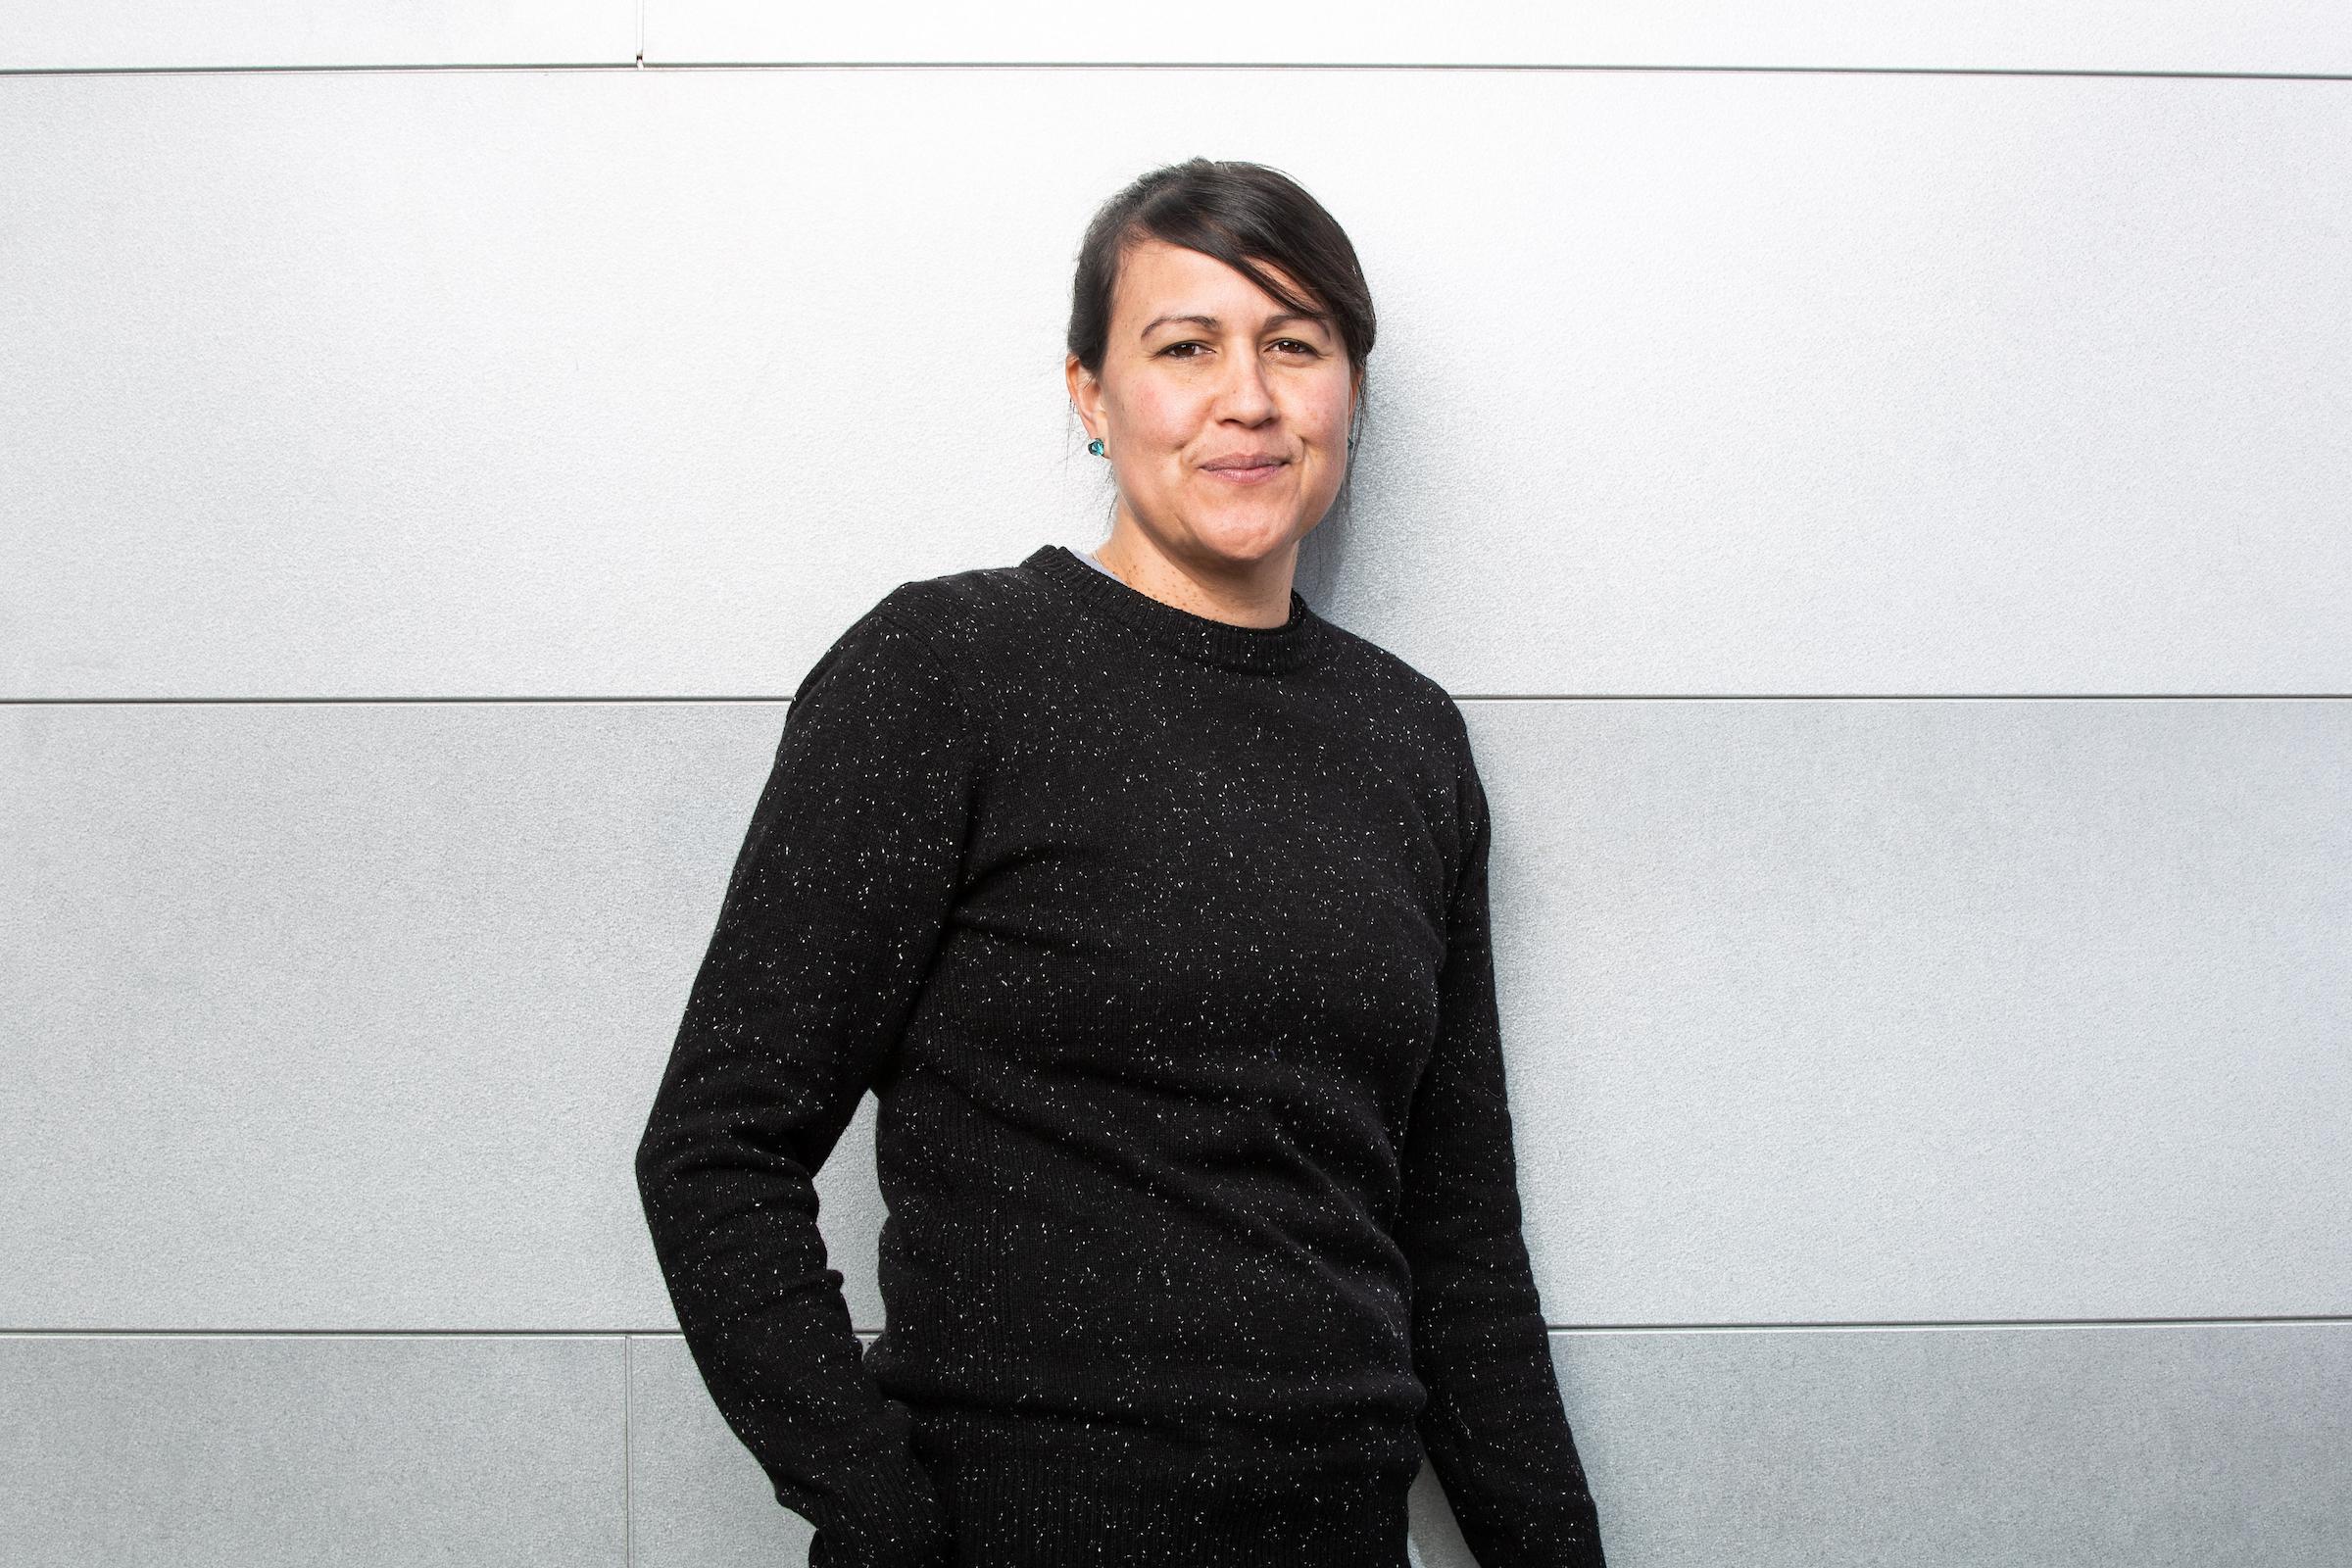 Poet Natalie Diaz wins Pulitzer Prize